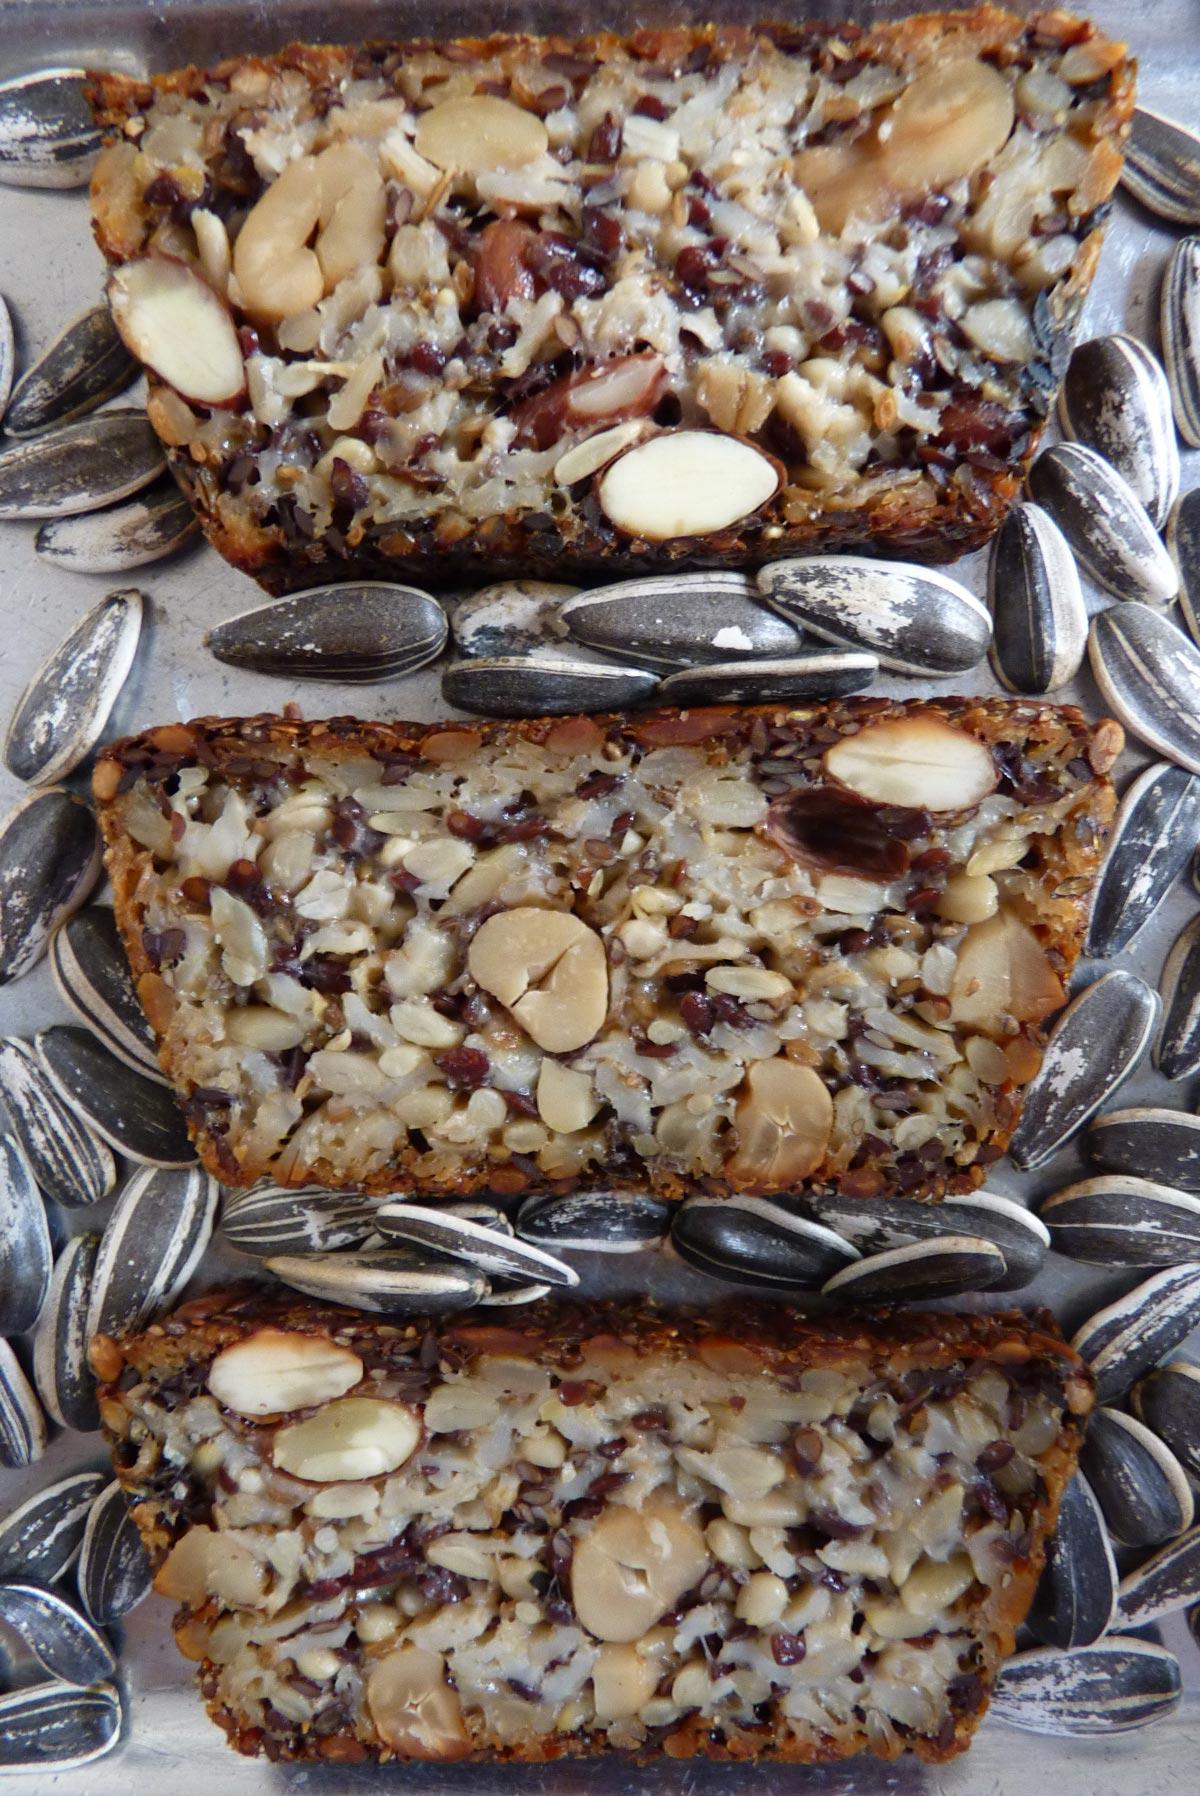 Resultado de imagen para pan de cereales y semillas tumblr